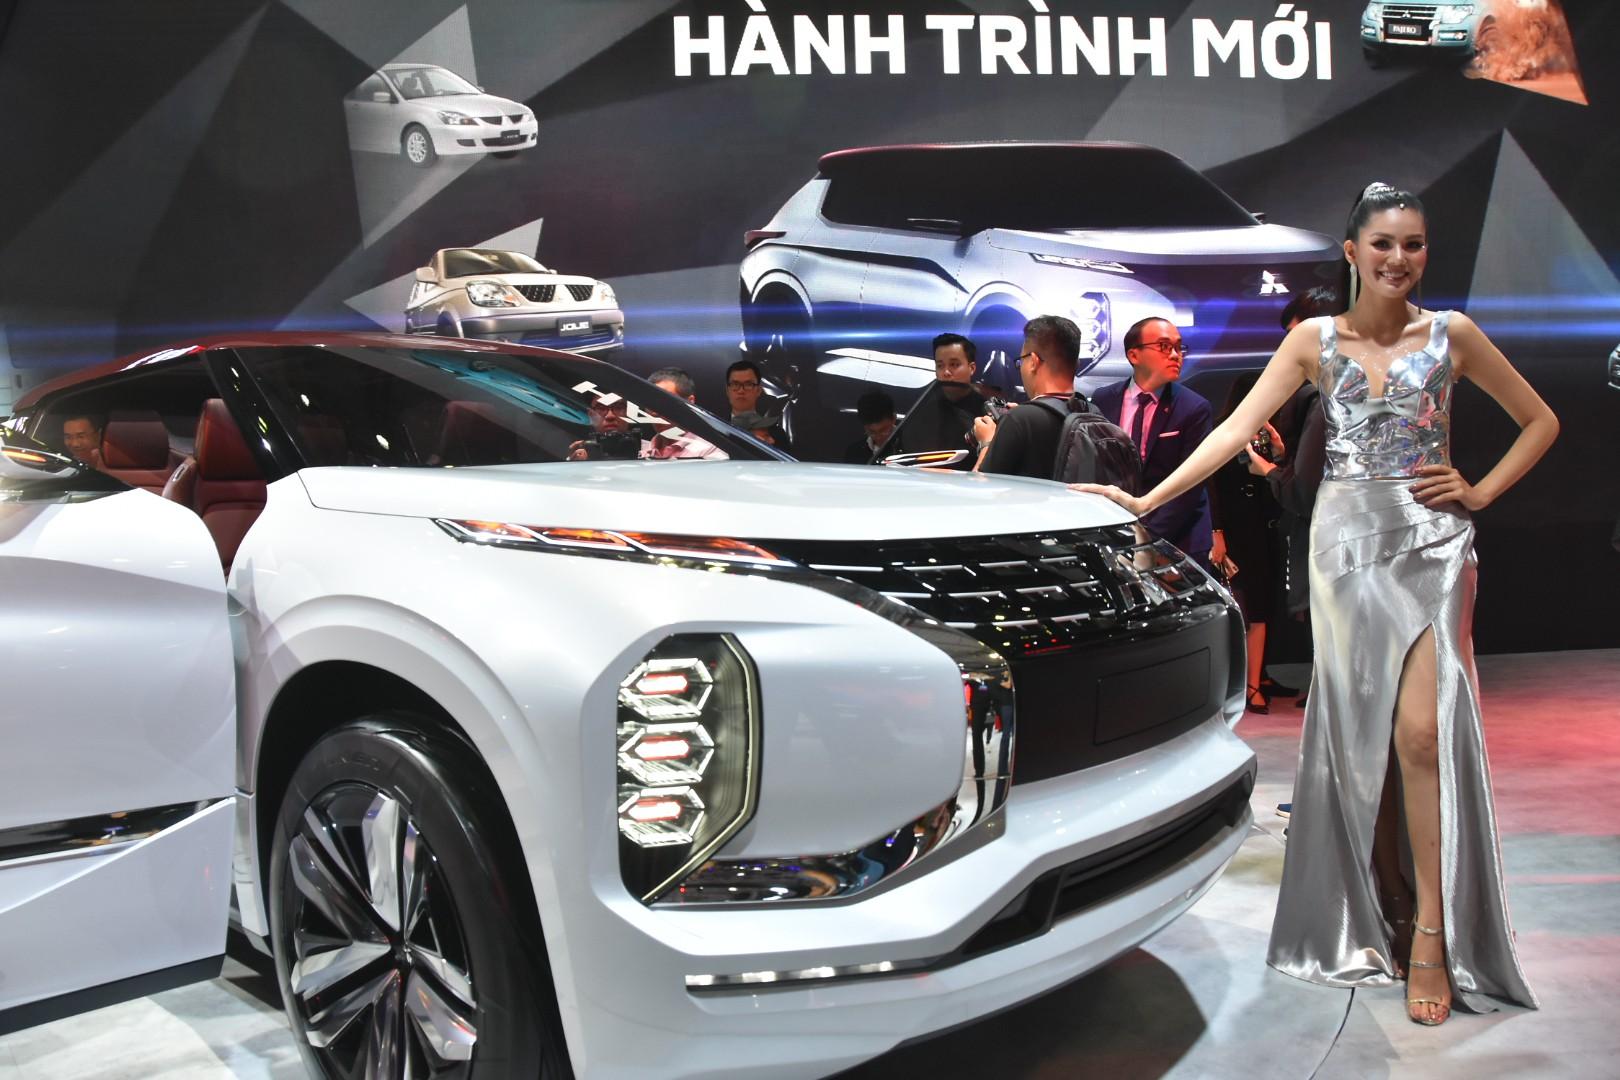 Gần 100 mẫu ôtô mới nhất trình diễn tại Vietnam Motor Show 2019 - Ảnh 1.